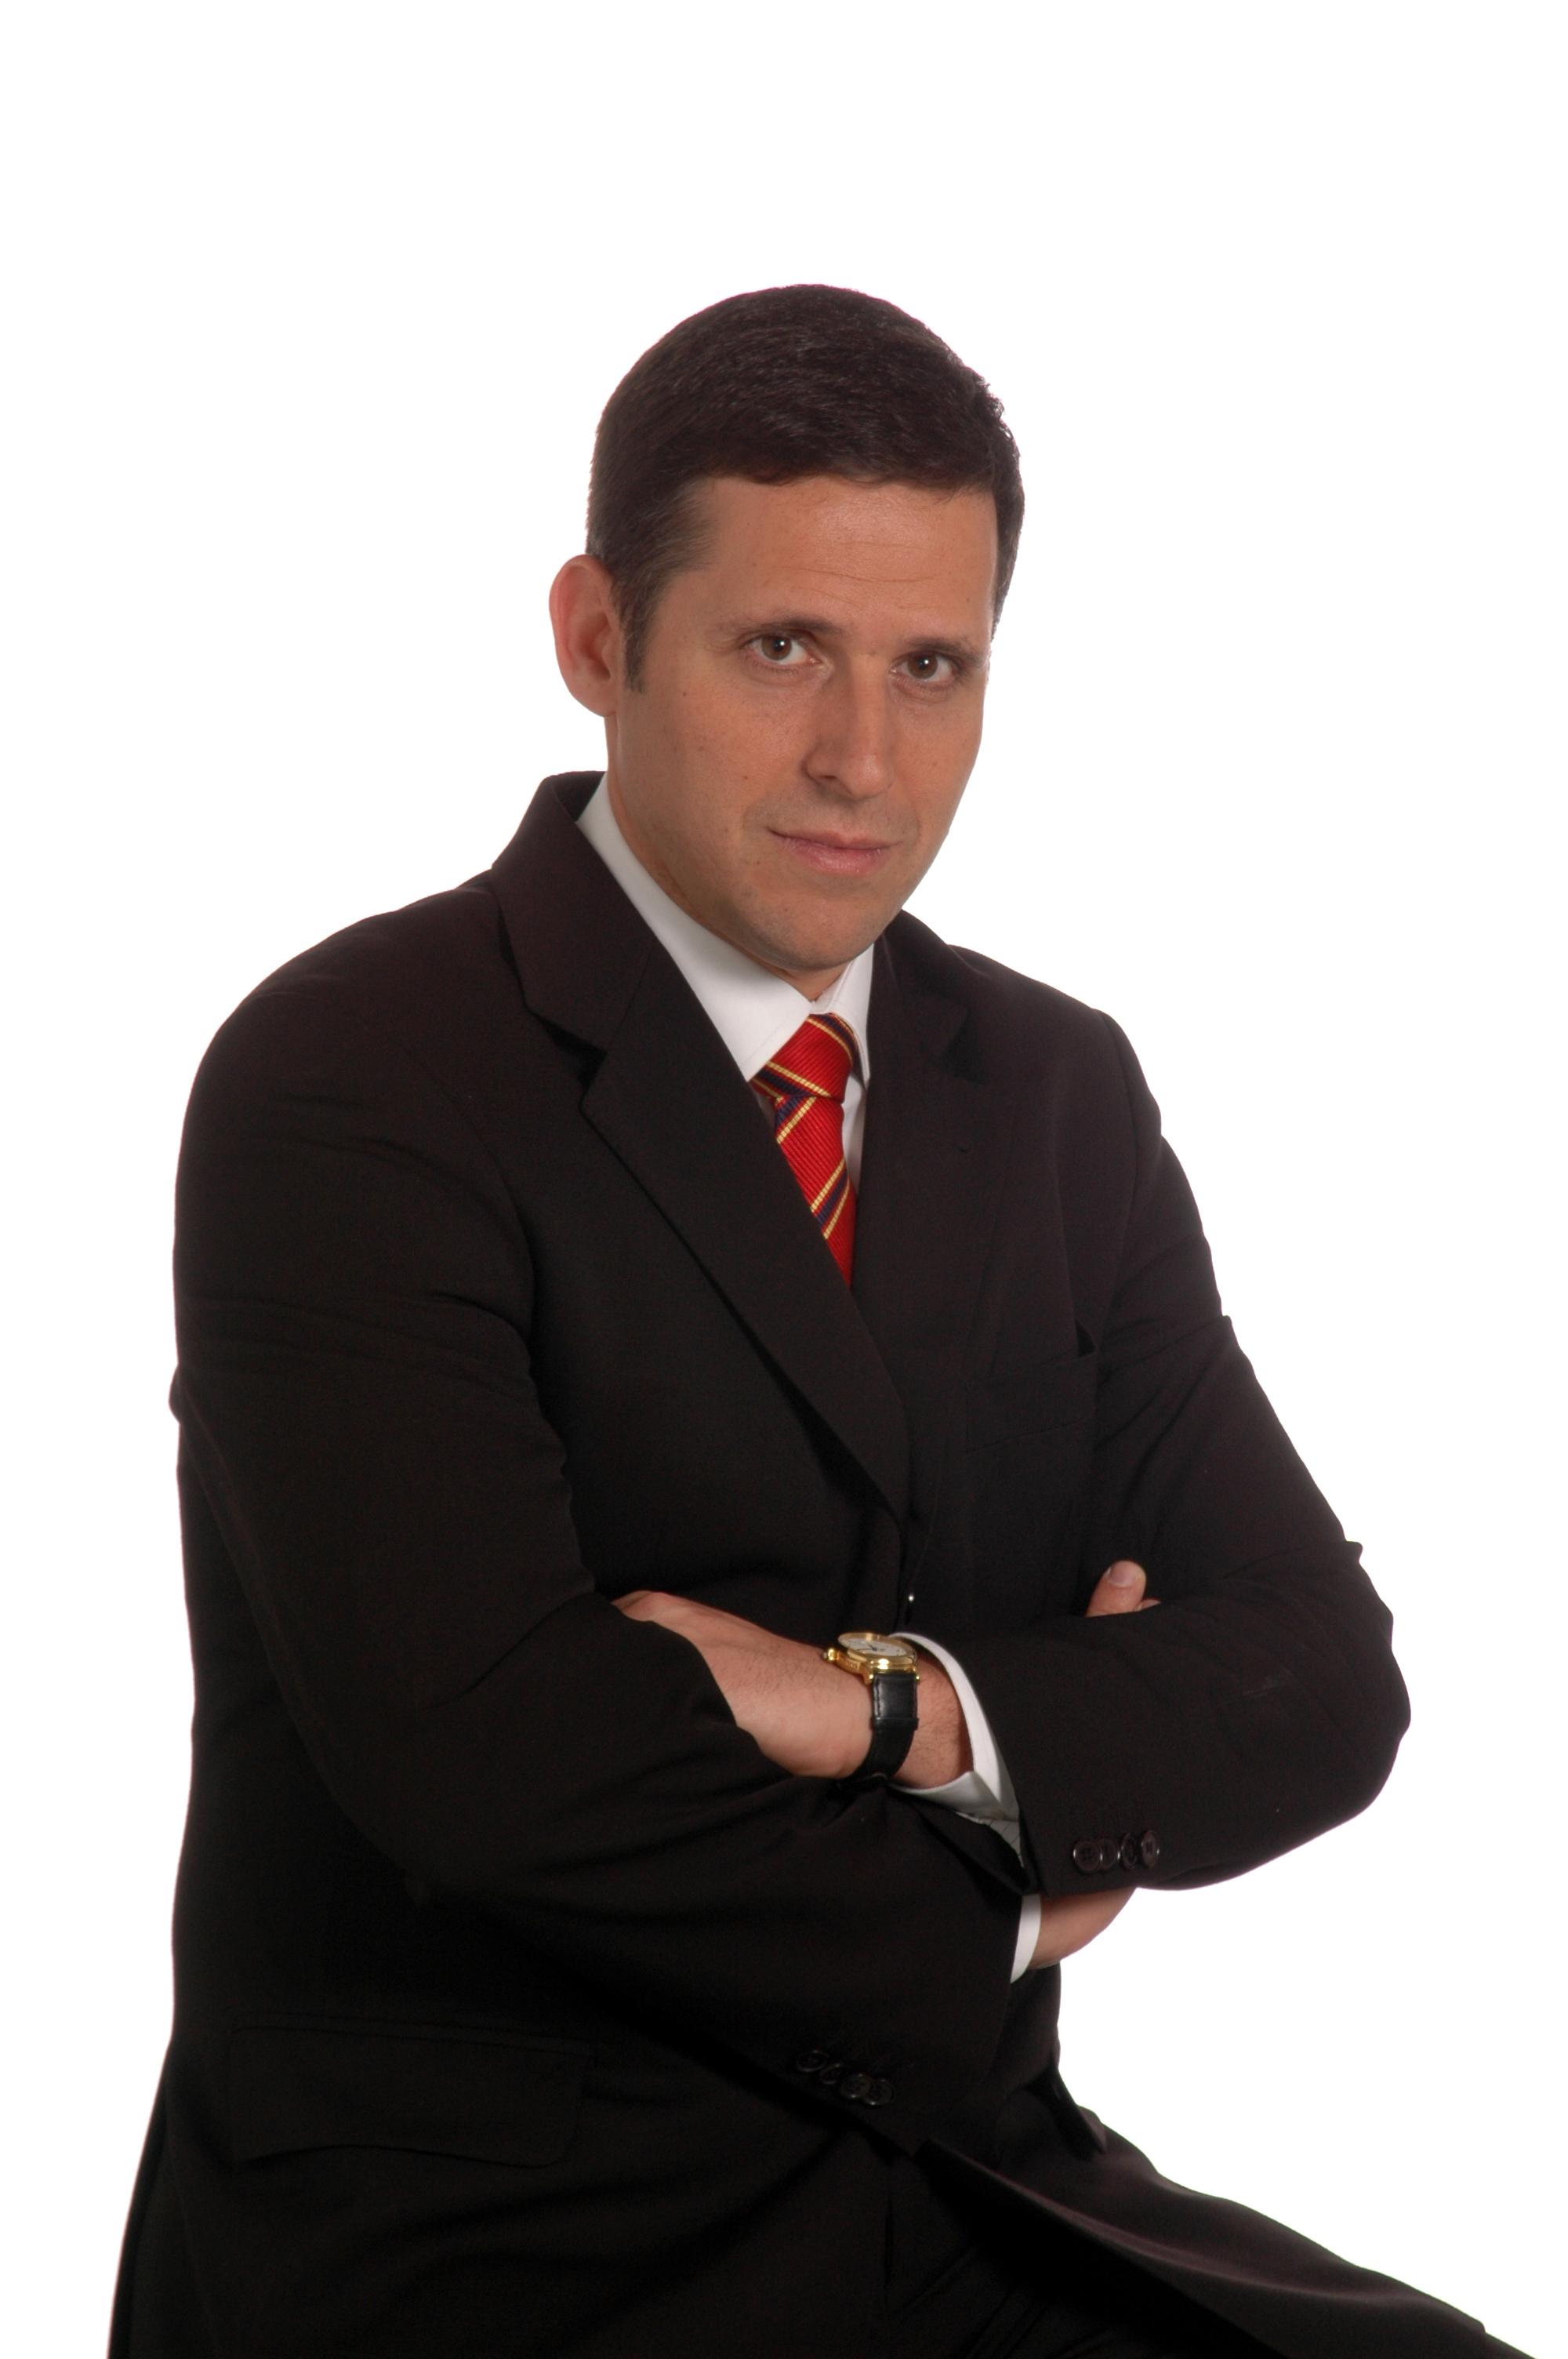 Fernando cape